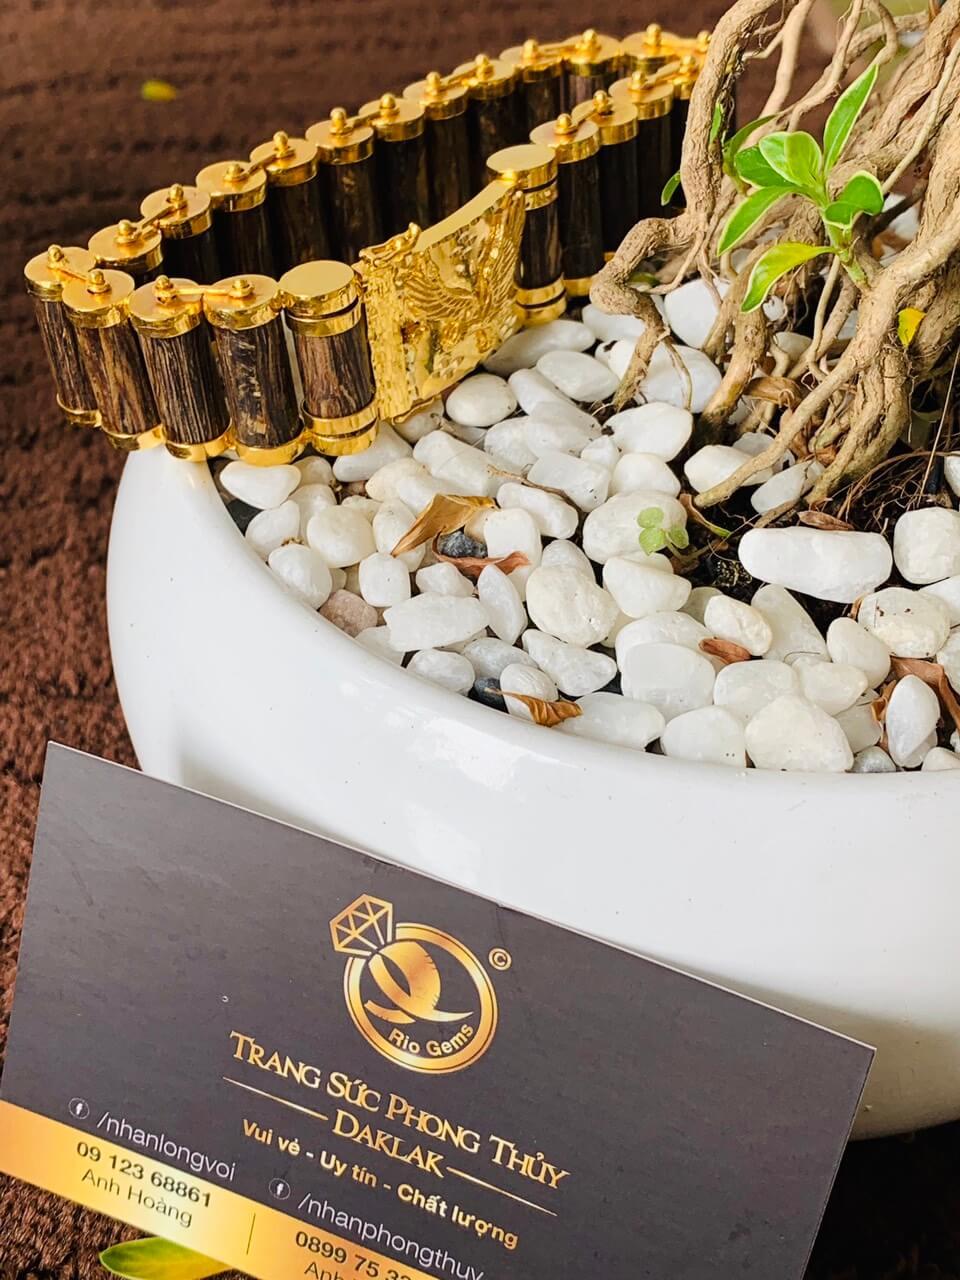 Lắc tay mắc xích trầm hương được thiết kế bởi RIOGEMs